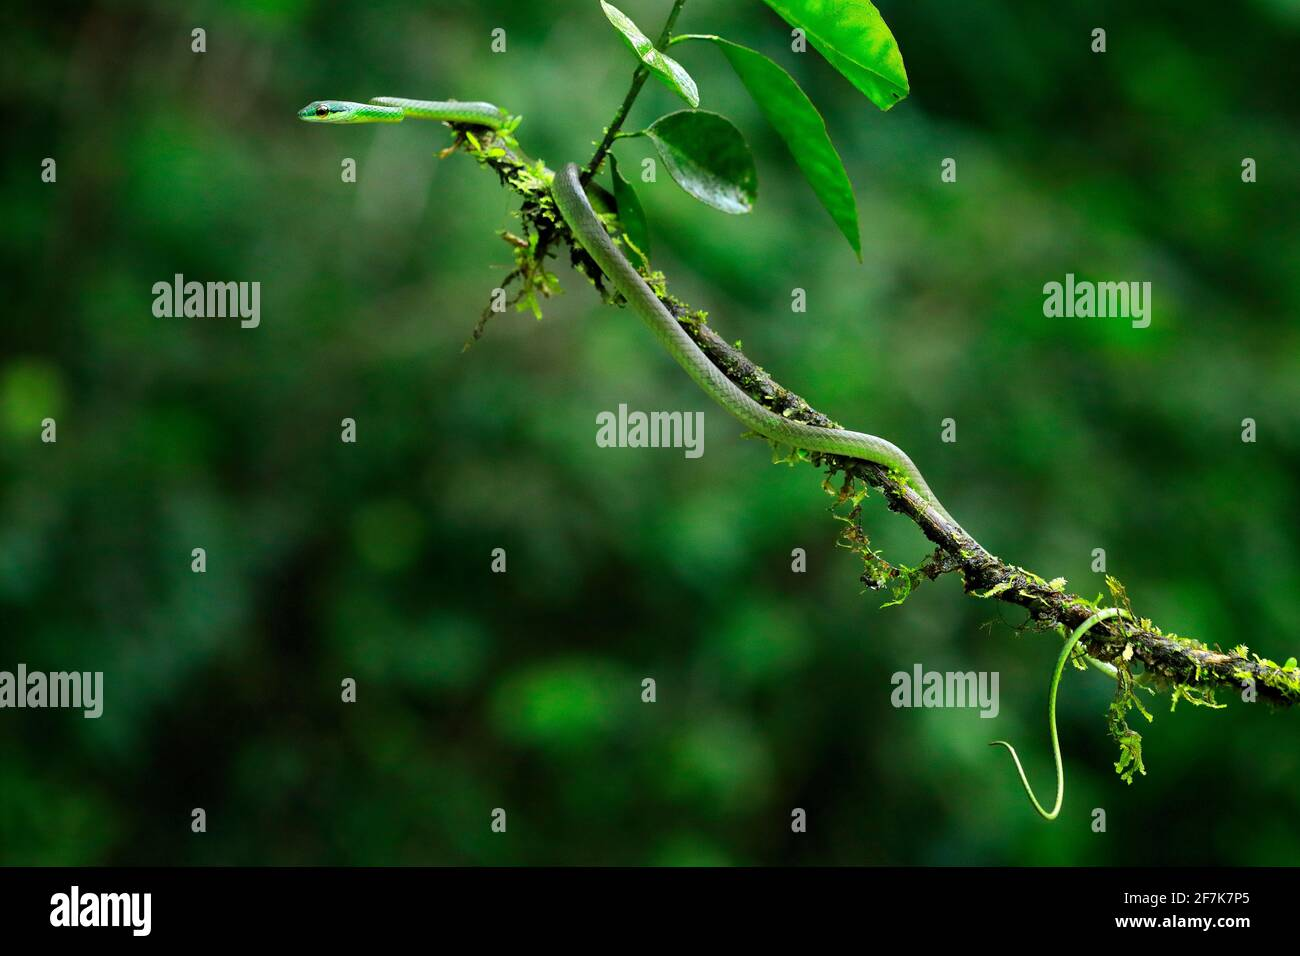 Oxybelis brevirostris, serpiente de seno corto de Cope, serpiente roja en la vegetación verde. Reptiles forestales en hábitat, en la rama arbórea, Costa Rica. Wi Foto de stock